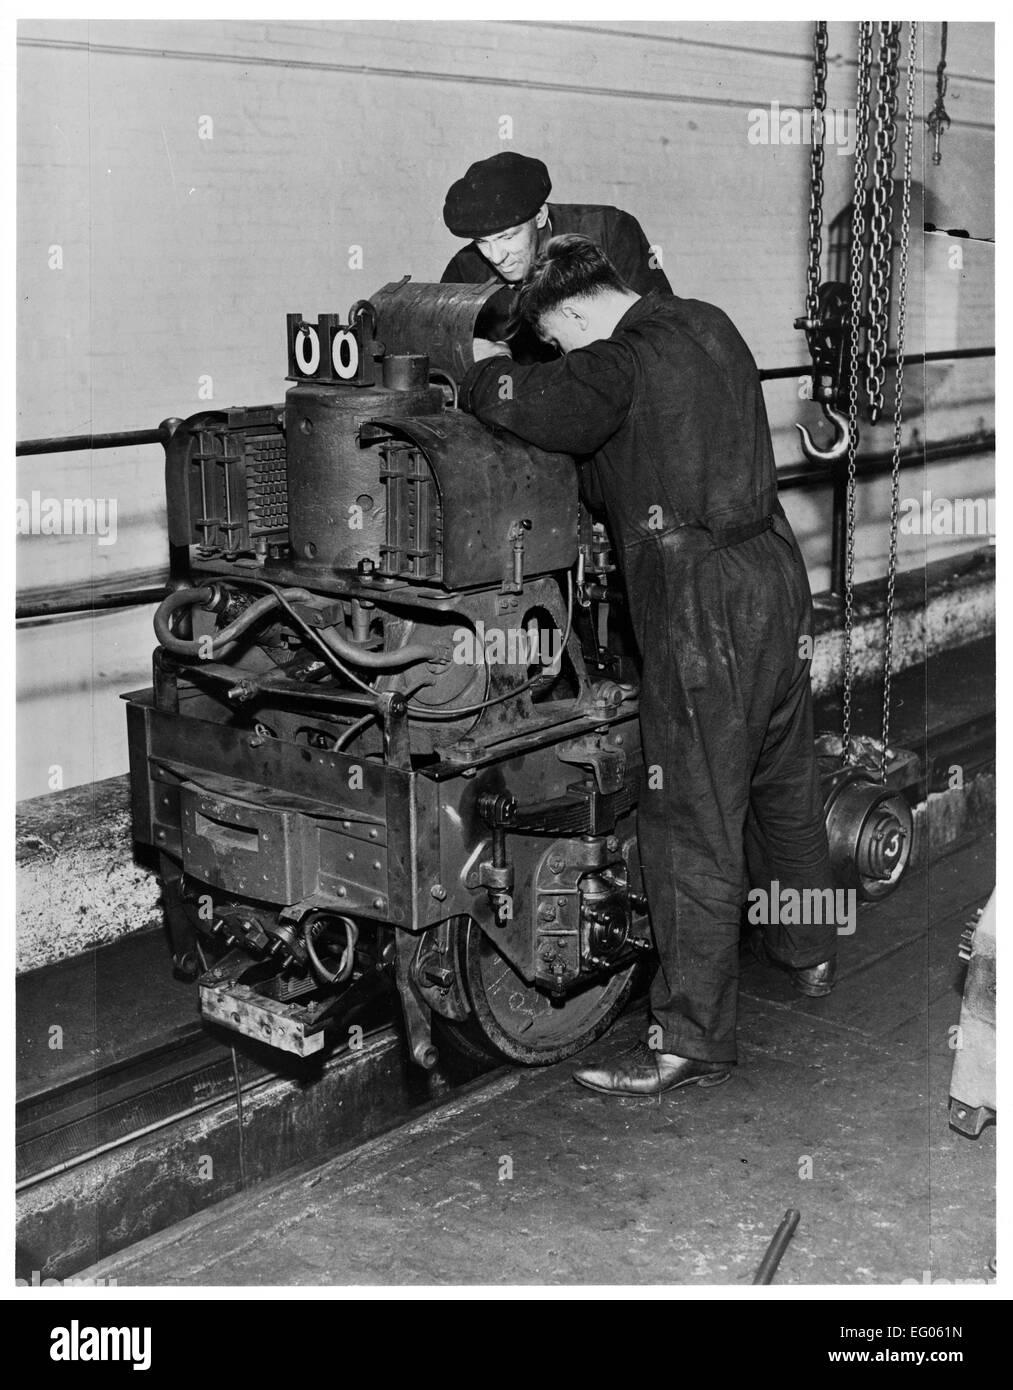 Postamt Untergrundbahn - Mechanik. Es lief für 22 Stunden am Tag von 1927-2003 und an seiner Spitze es beschäftigt Stockbild